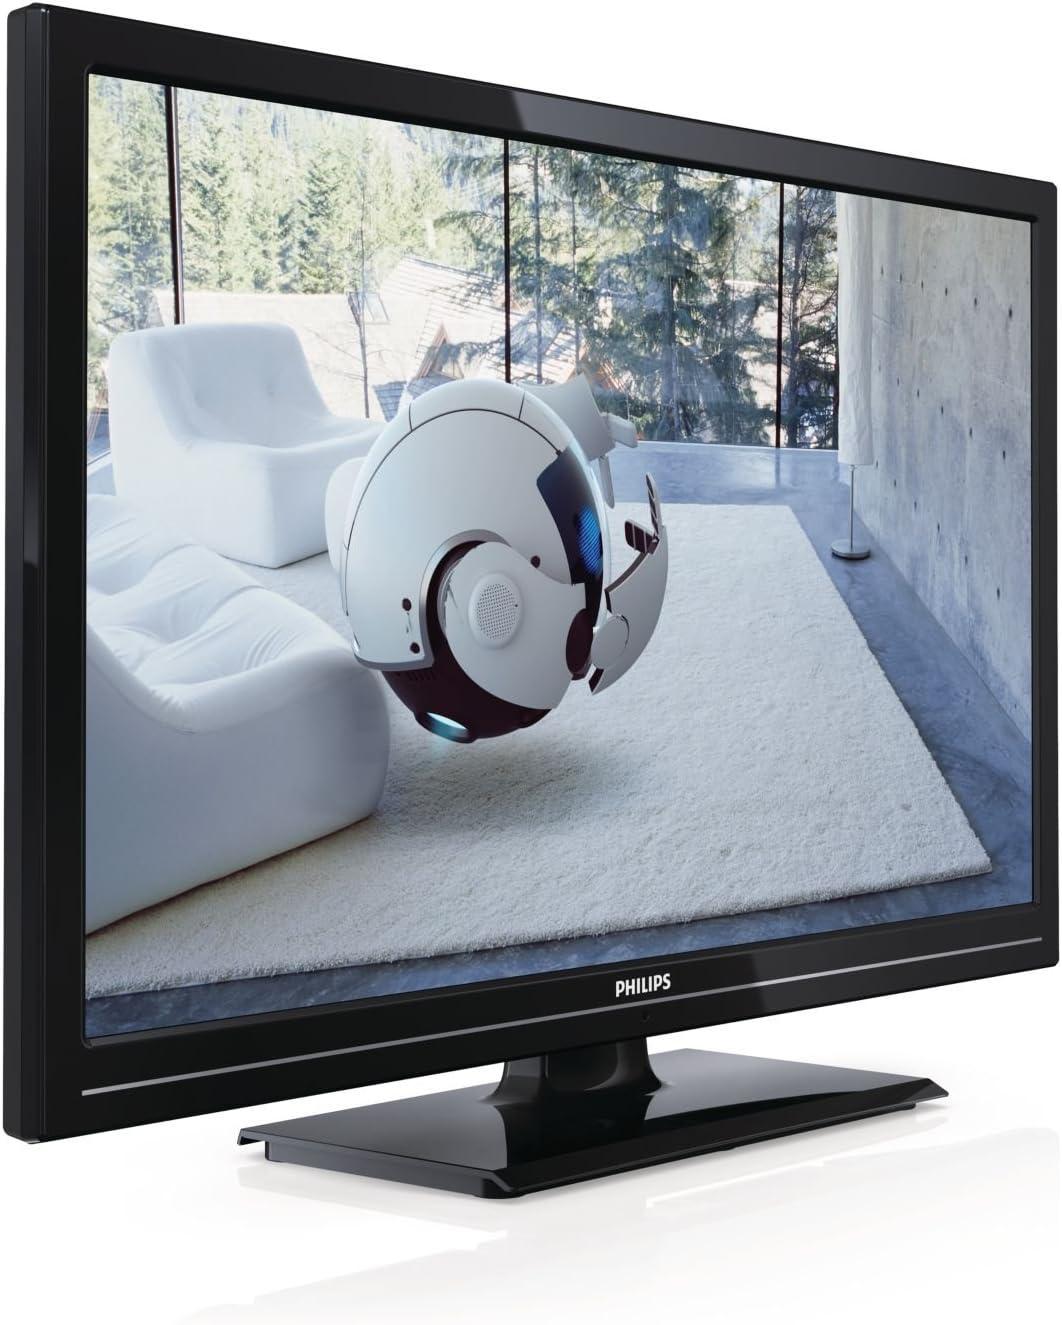 Philips 22PFL2908H/12 - Televisor LED de 22